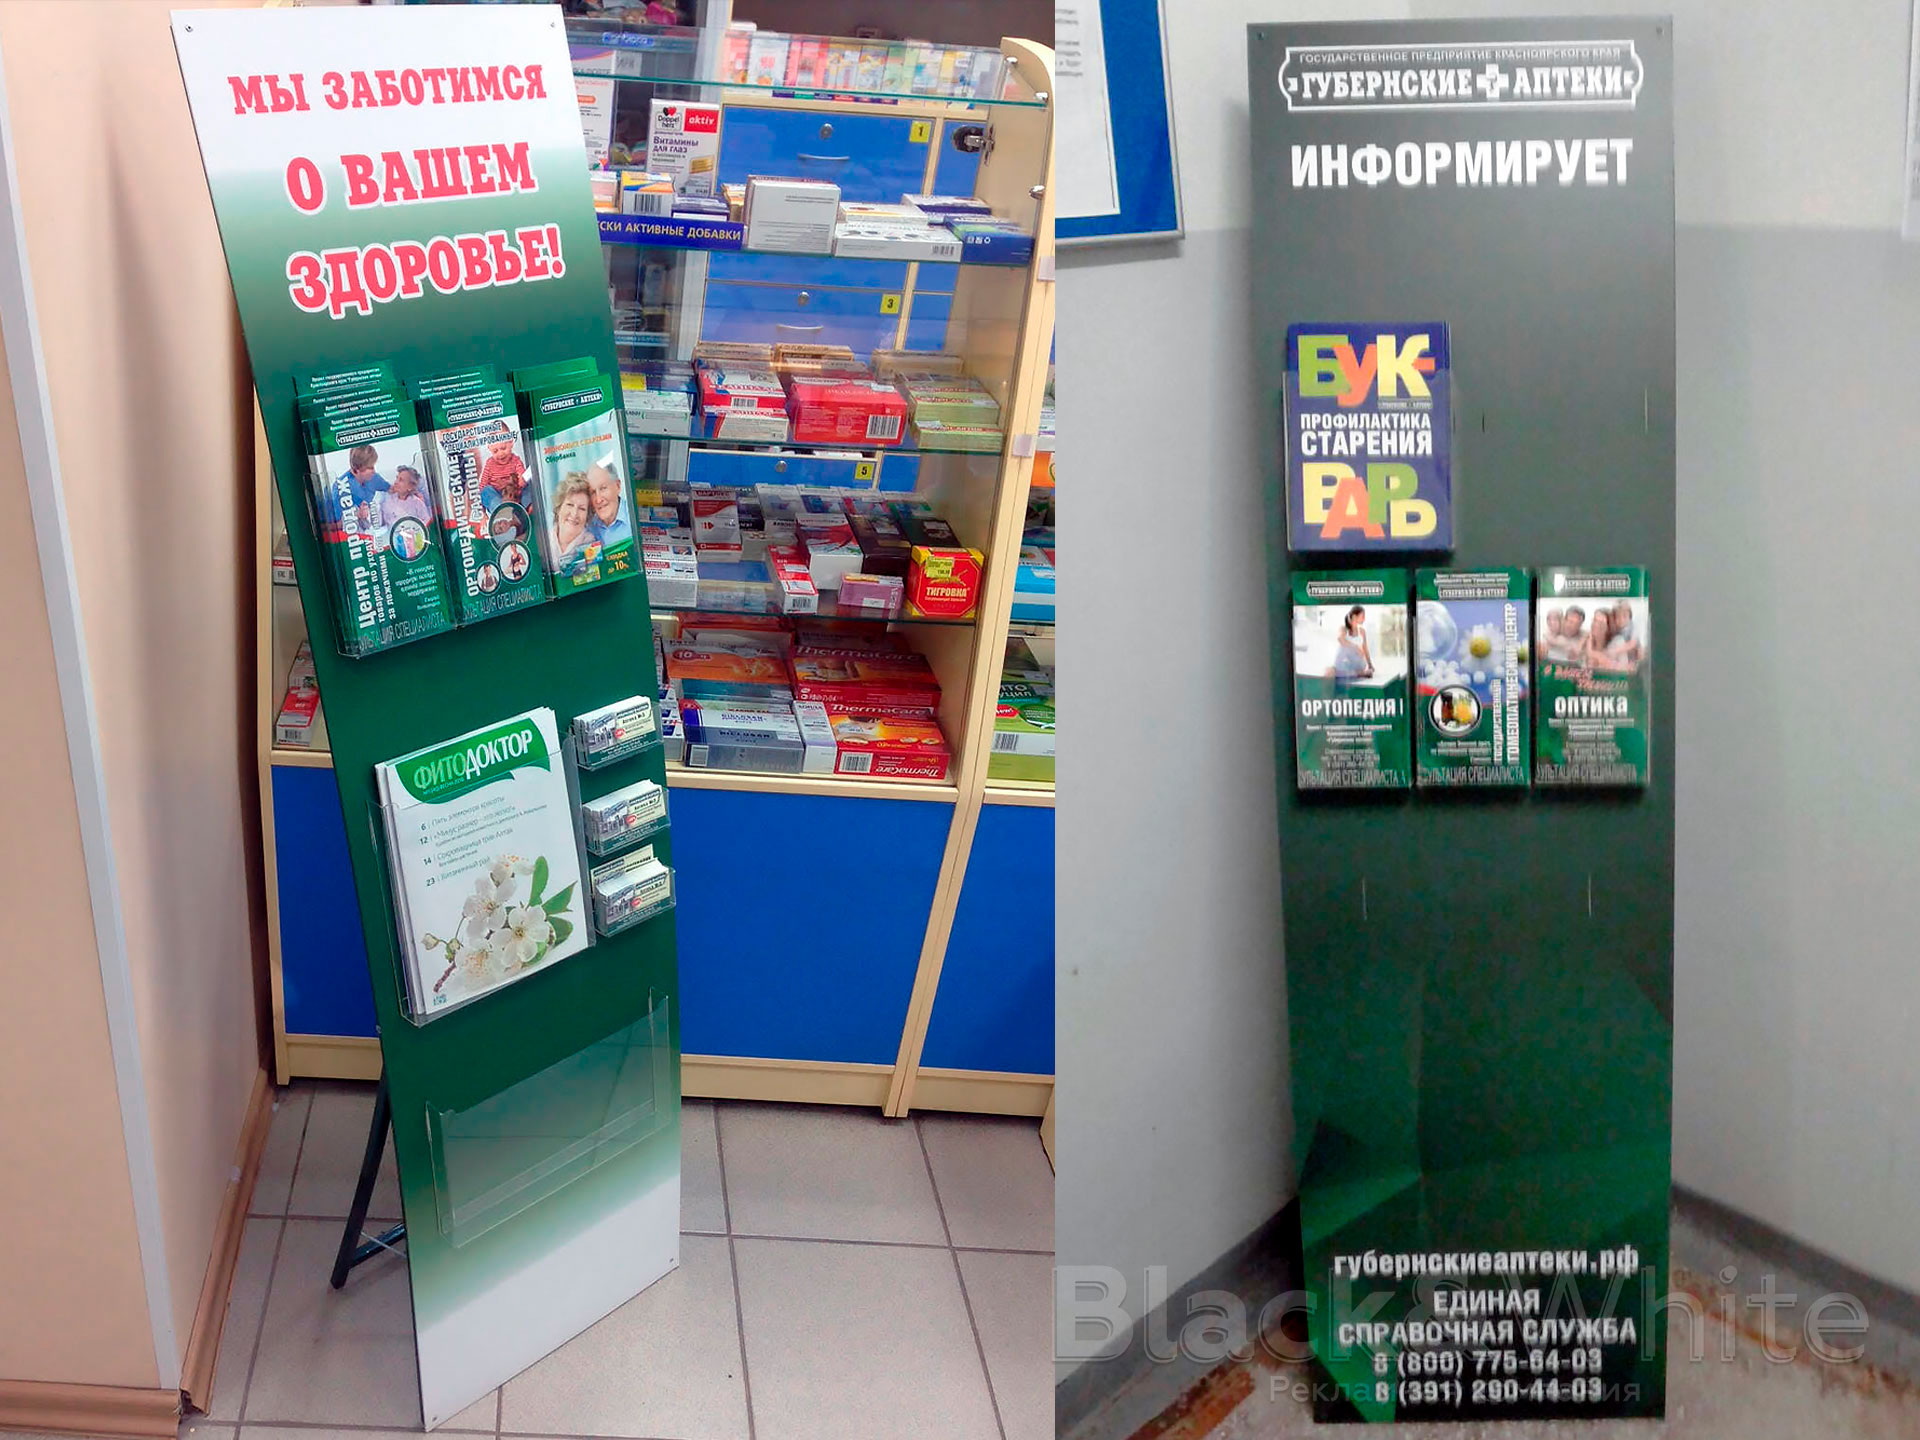 Информационные-стойки-по-индивидуальному-проекту-красноярск-BW.jpg